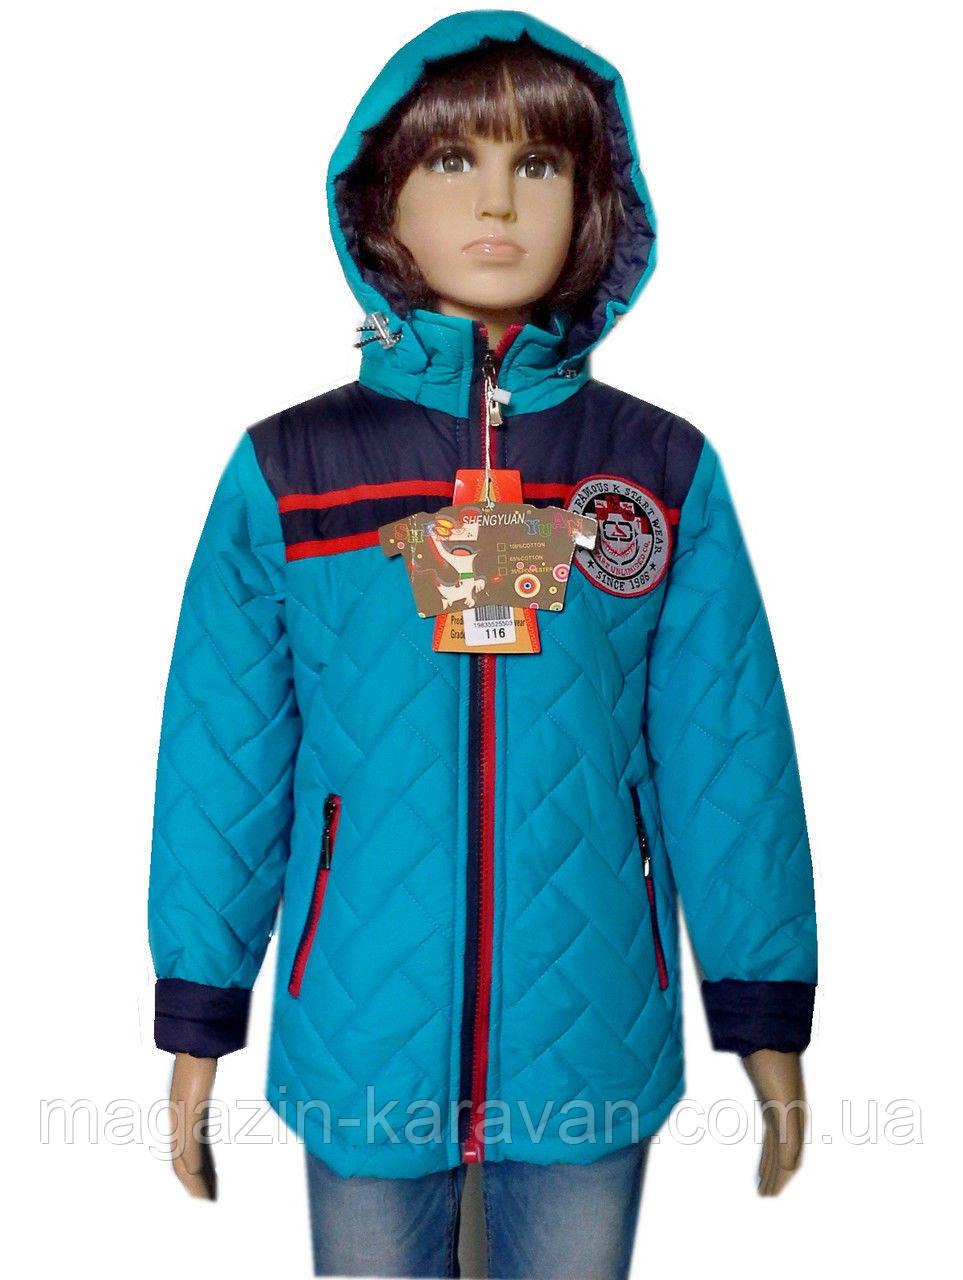 Куртка практичная для мальчика демисезонная